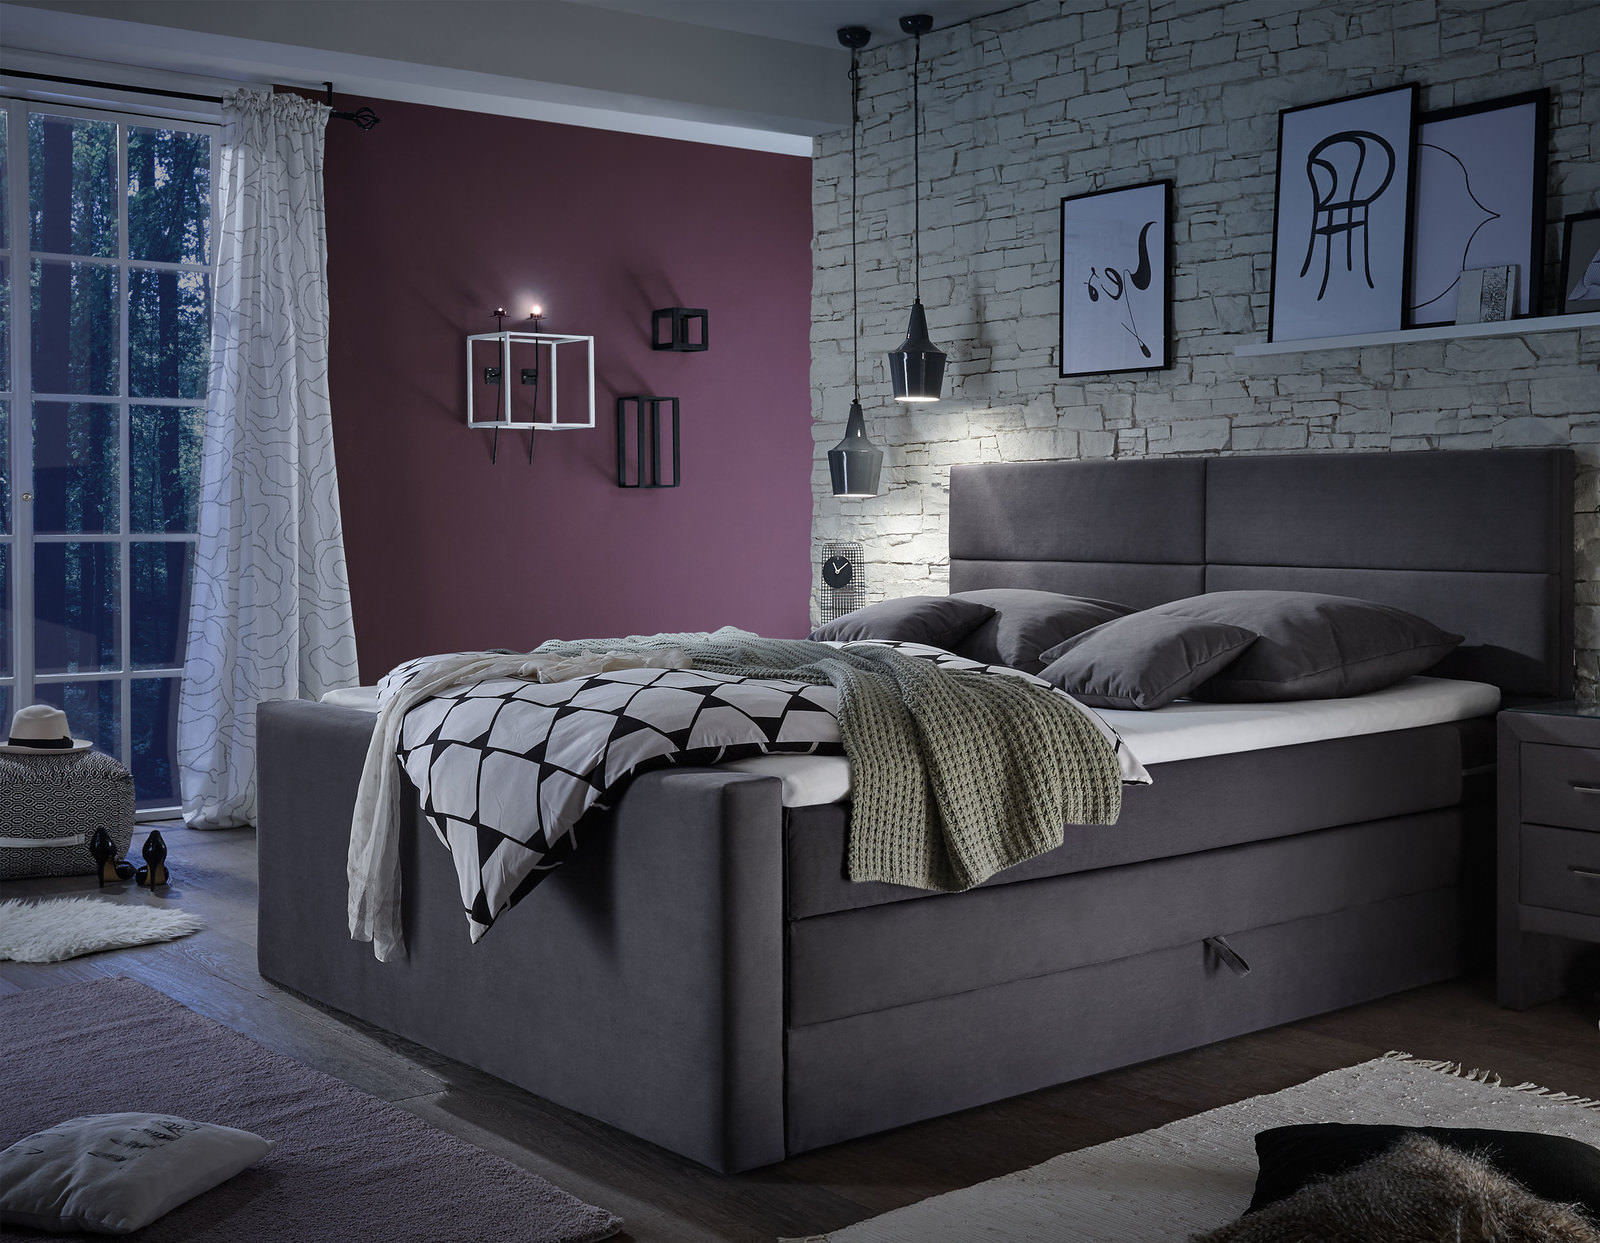 schaffrath kchen langenfeld schaffrath dsseldorf with. Black Bedroom Furniture Sets. Home Design Ideas